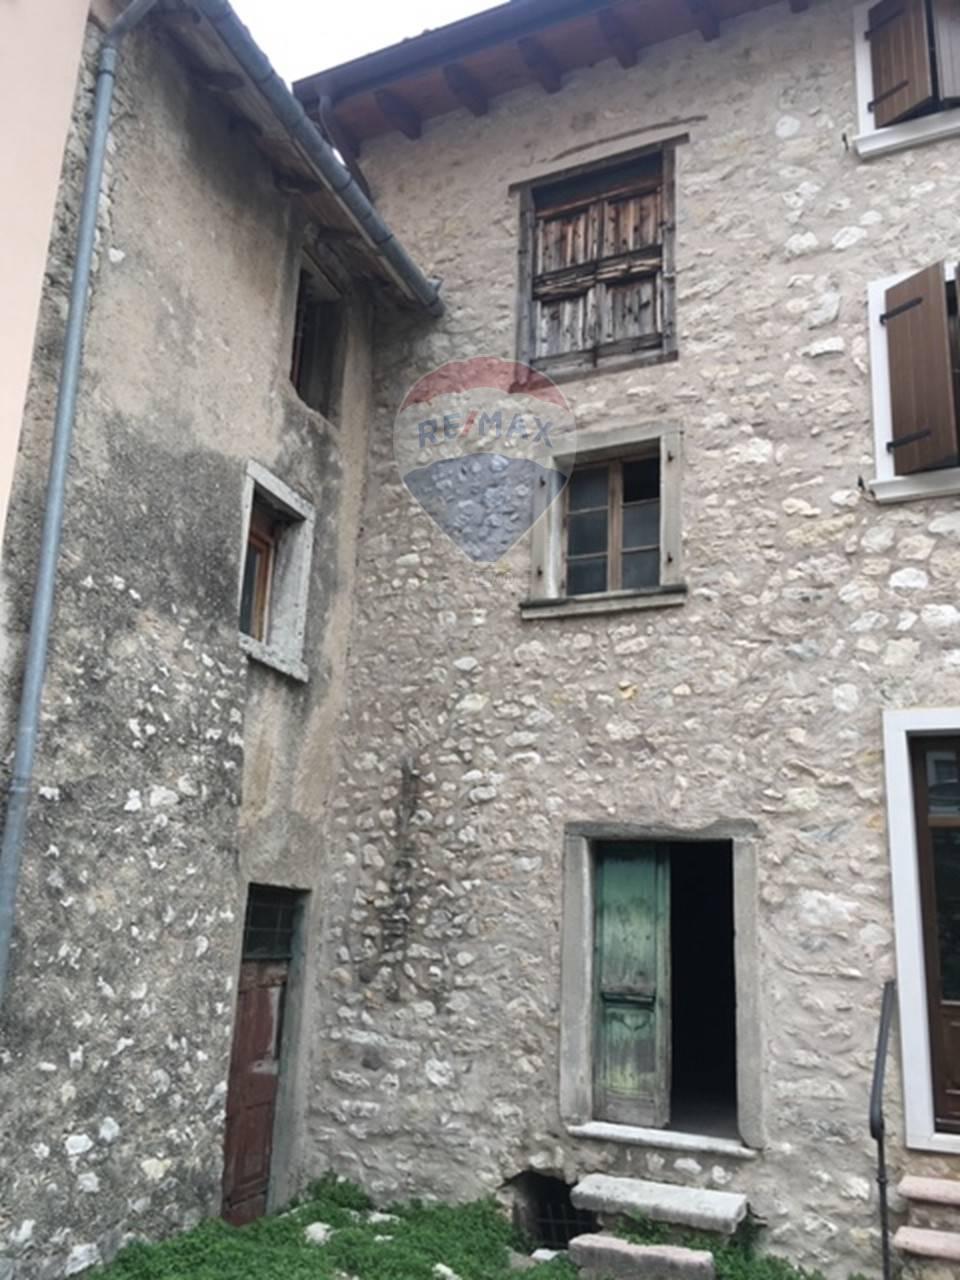 Rustico / Casale in vendita a Brenzone, 3 locali, prezzo € 160.000 | CambioCasa.it